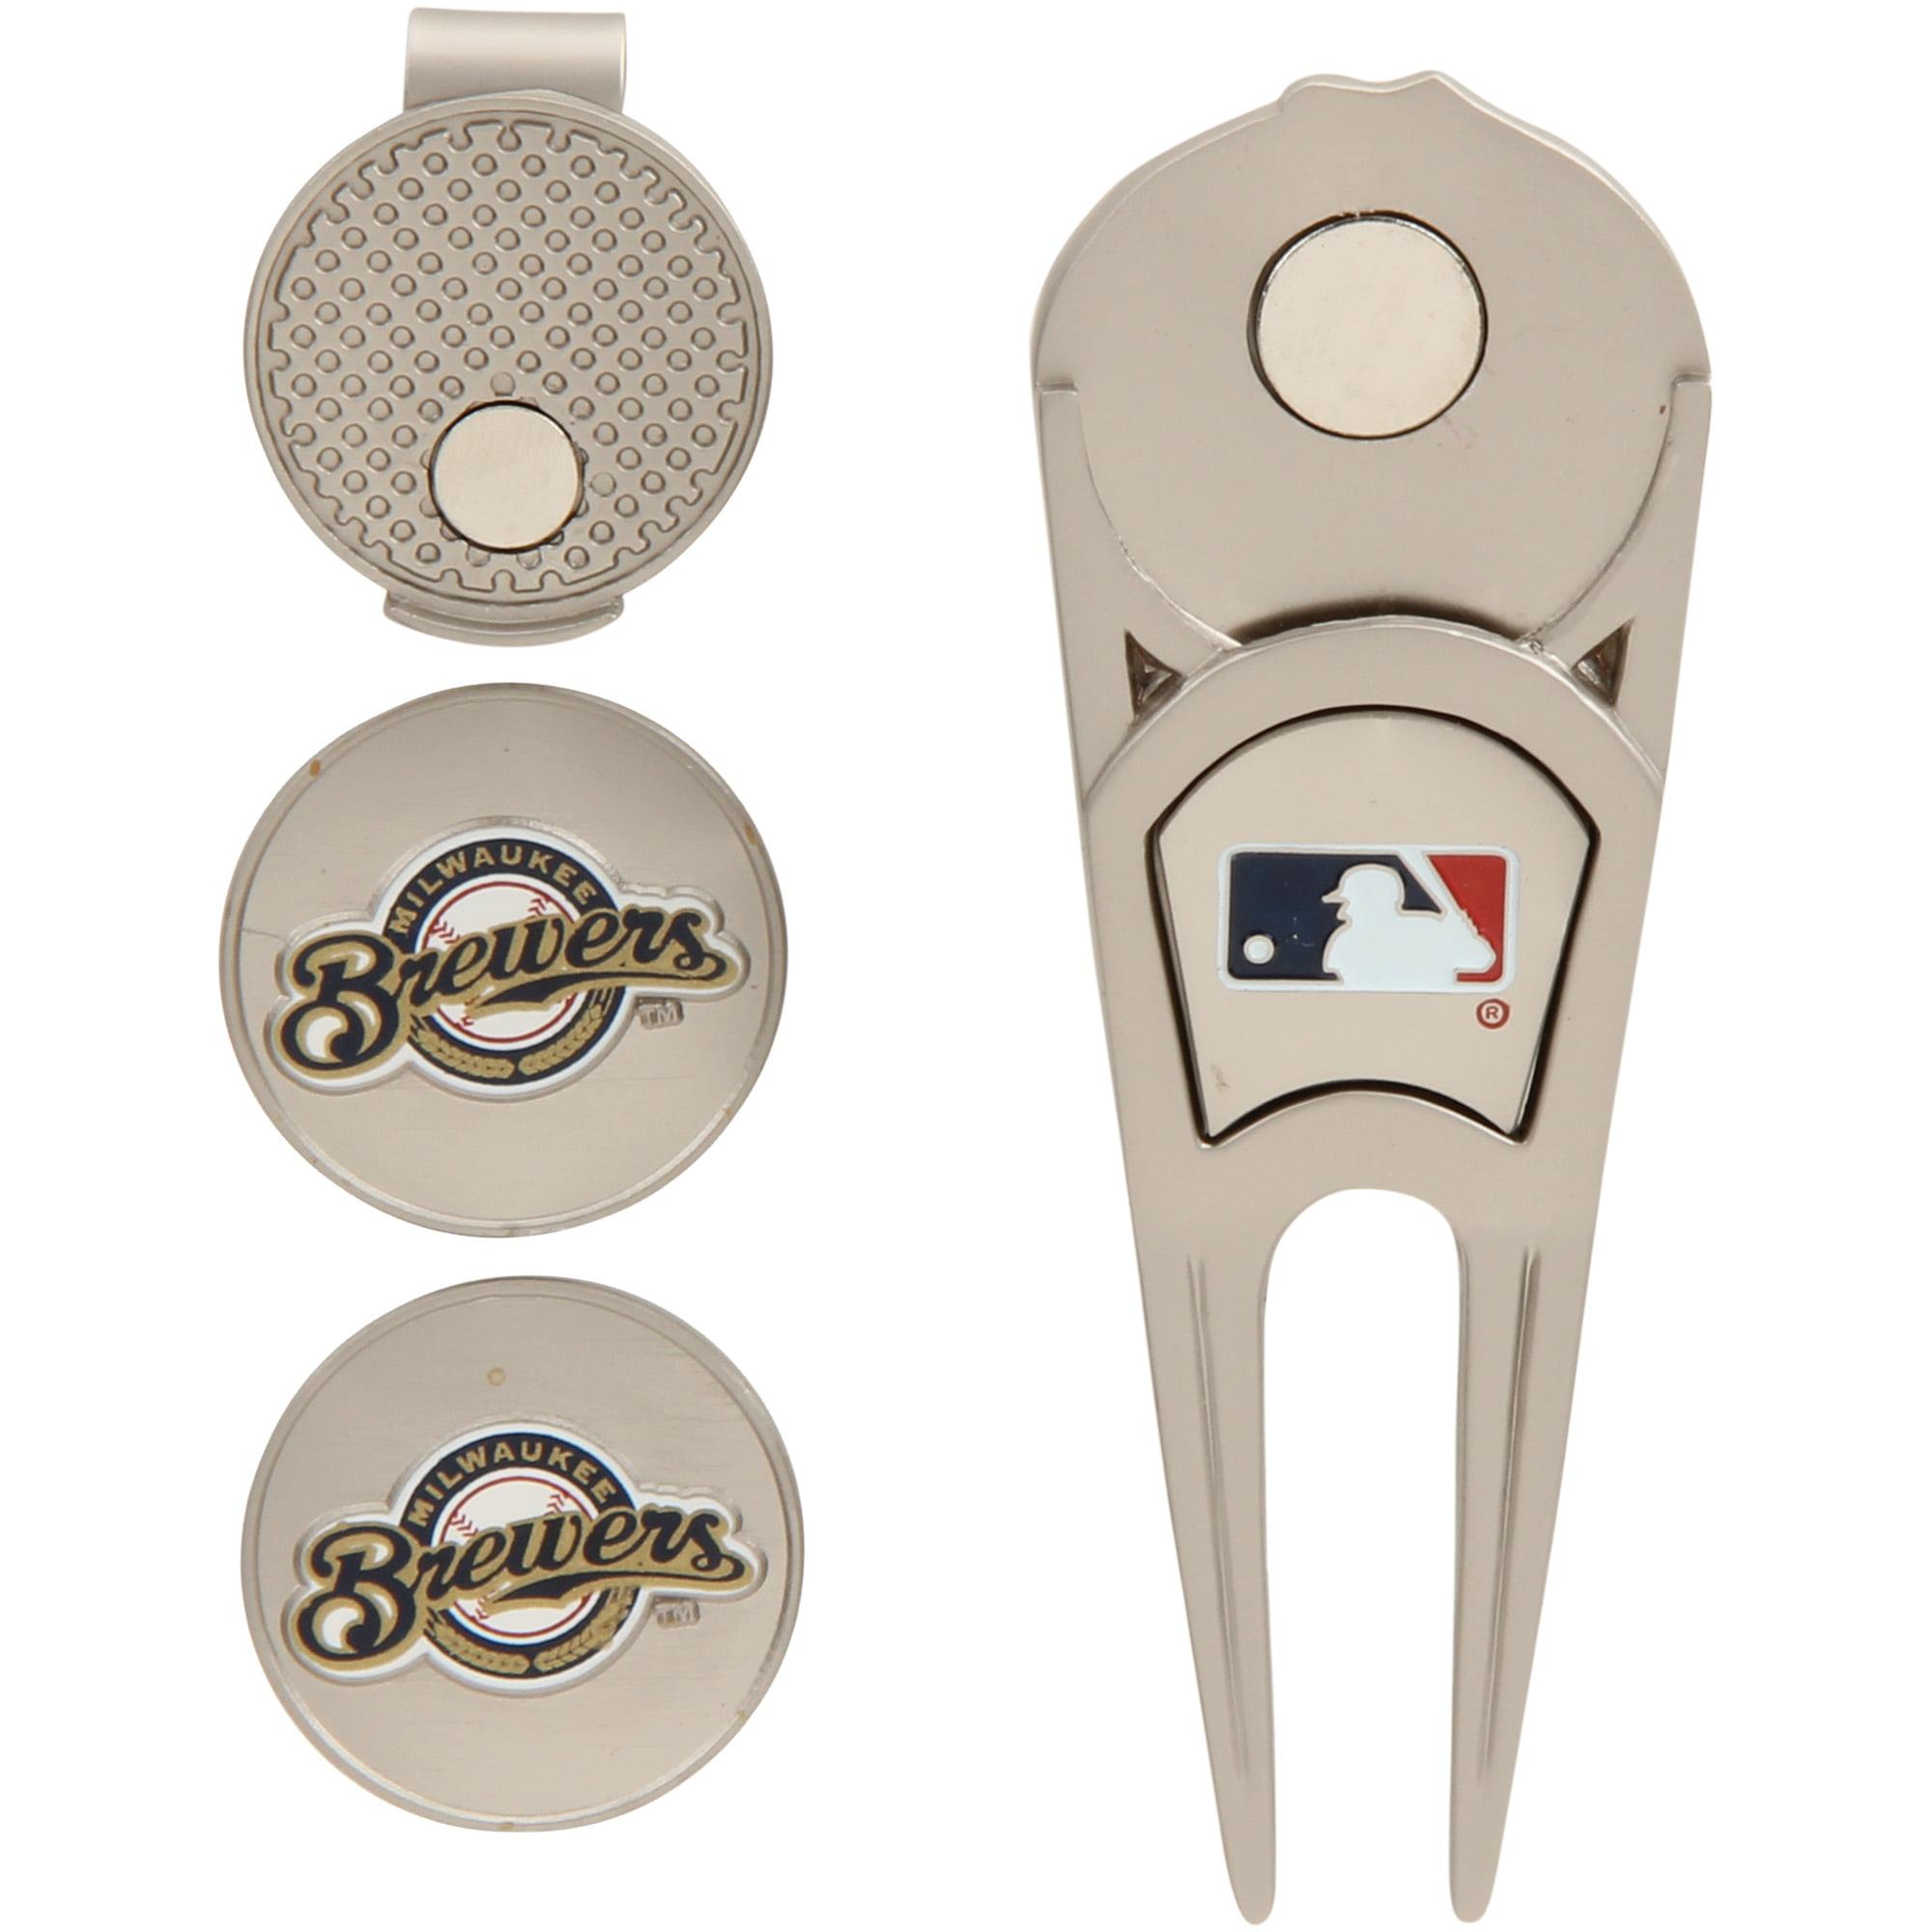 Milwaukee Brewers WinCraft Ball Marker, Hat Clip & Divot Repair Tool Set - No Size